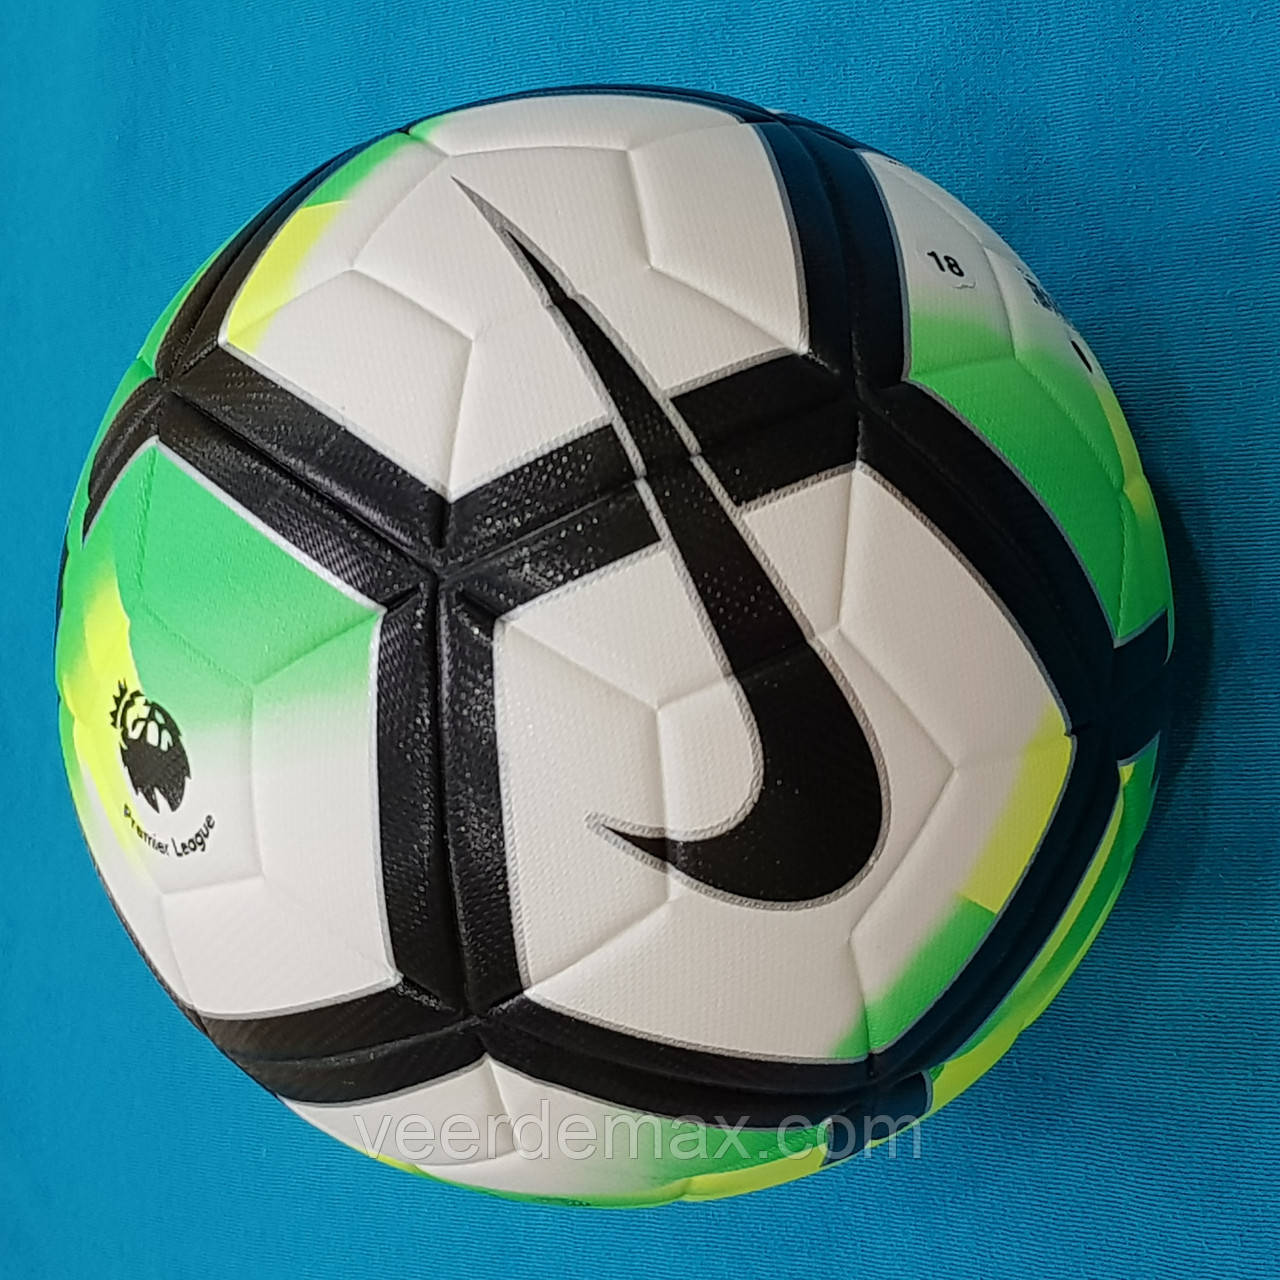 Мяч футбольный Nike Pitch Premier League (бело-зеленый)